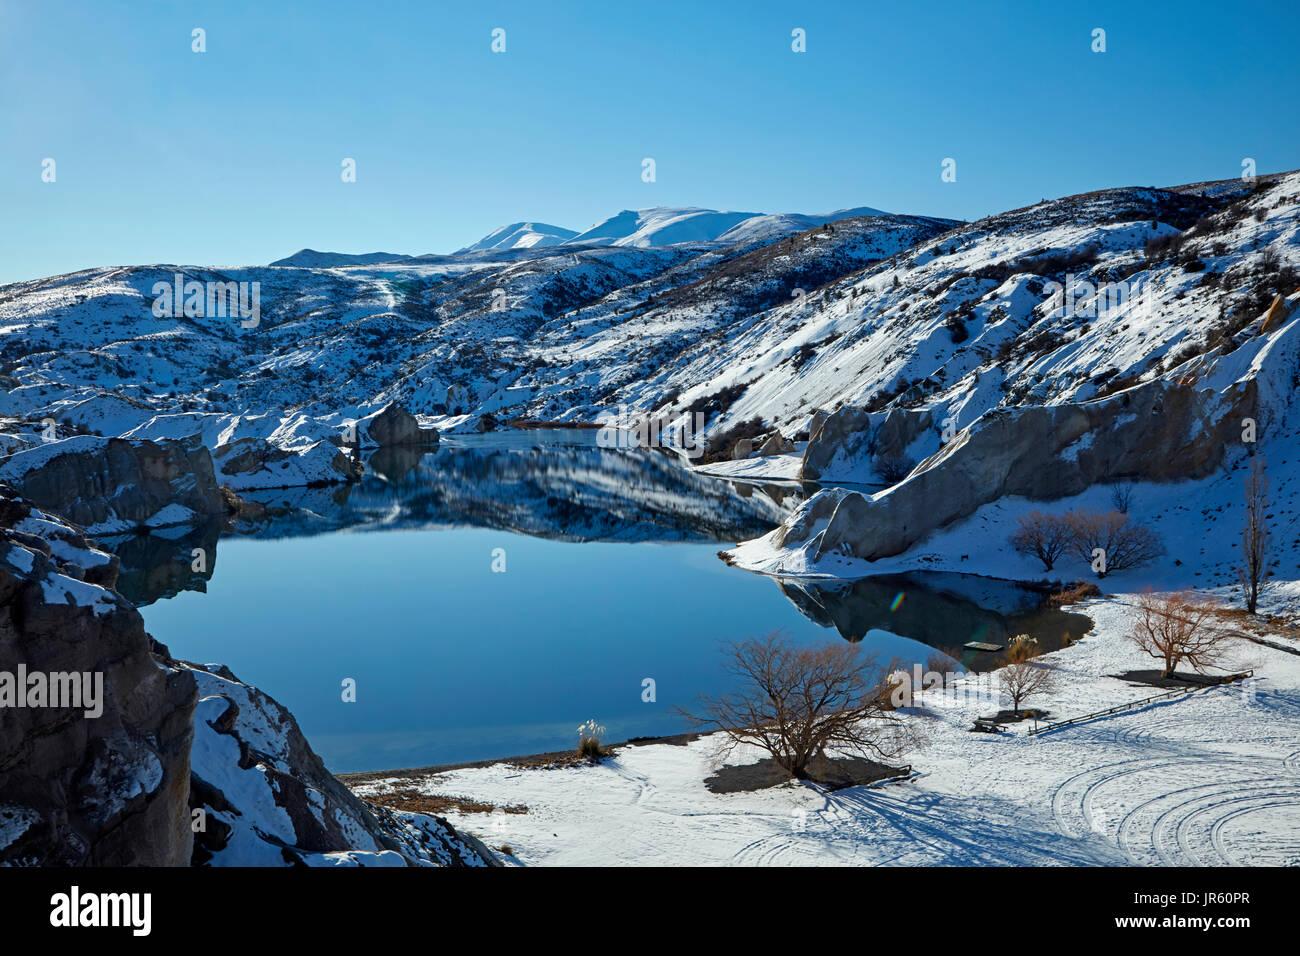 La neige autour du Lac Bleu, St Bathans, Maniototo, Central Otago, île du Sud, Nouvelle-Zélande Photo Stock